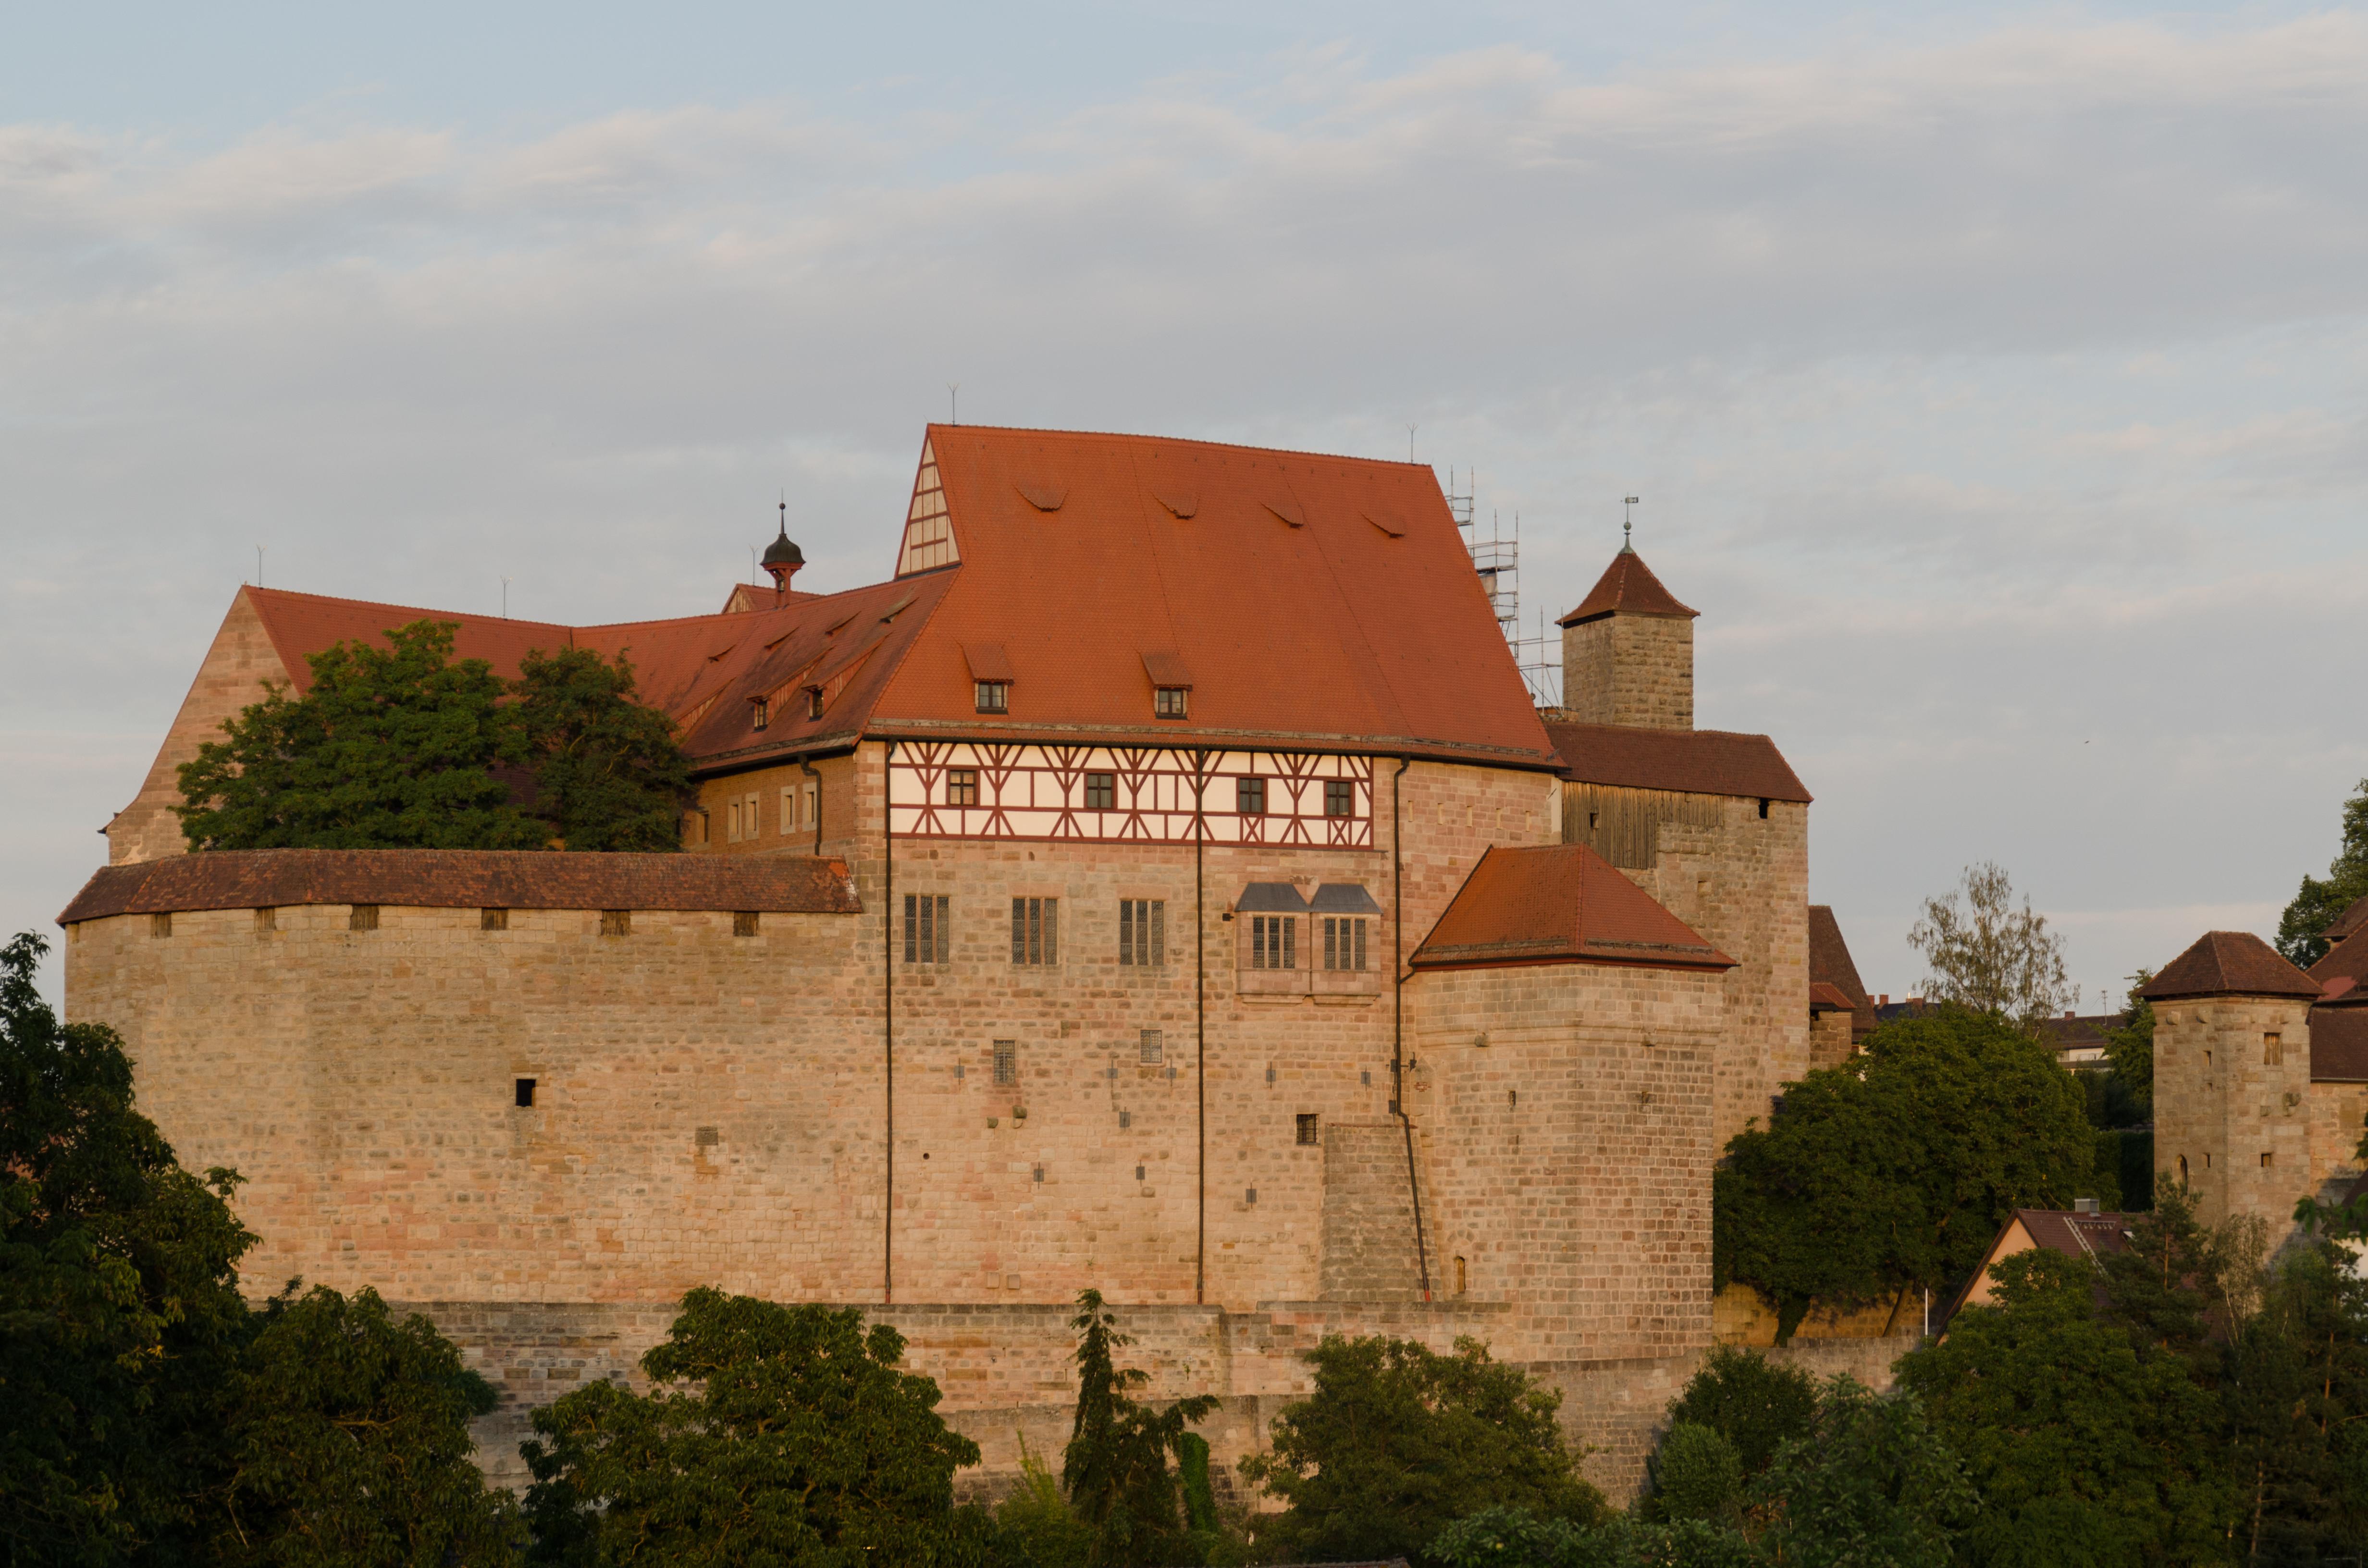 Cadolzburg%2C_Burg%2C_Kernburg_von_Westen%2C_006.jpg